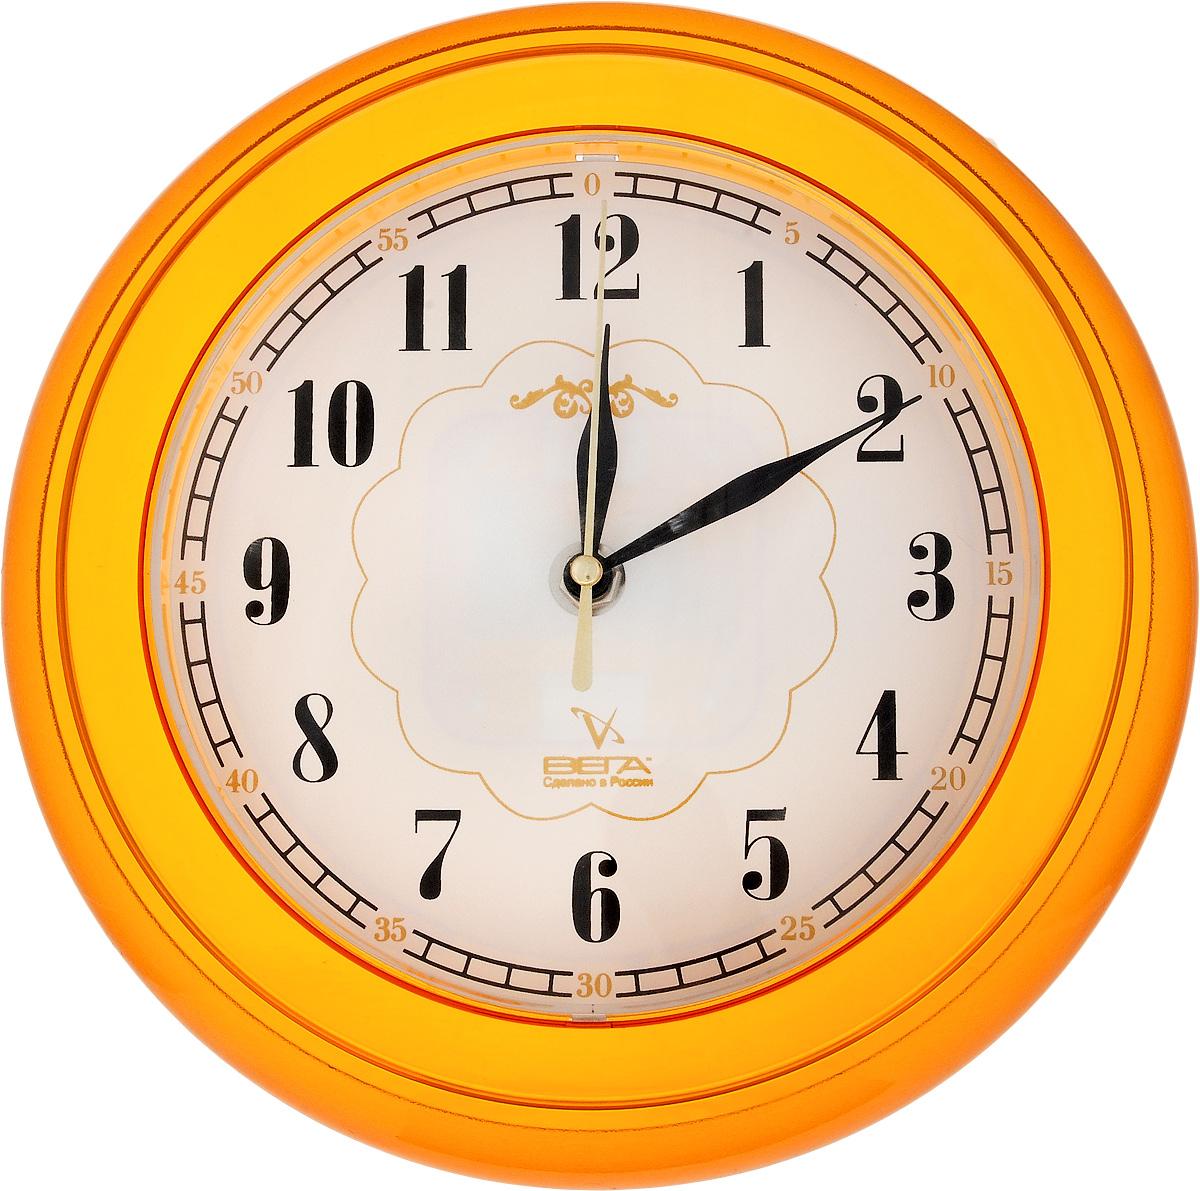 Часы настенные Вега Классика, цвет: оранжевый, диаметр 22 смП3-7-115Настенные кварцевые часы Вега Классика, изготовленные из пластика, прекрасно впишутся в интерьер вашего дома. Круглые часы имеют три стрелки: часовую, минутную и секундную, циферблат защищен прозрачным стеклом. Часы работают от 1 батарейки типа АА напряжением 1,5 В (не входит в комплект). Диаметр часов: 22 см.